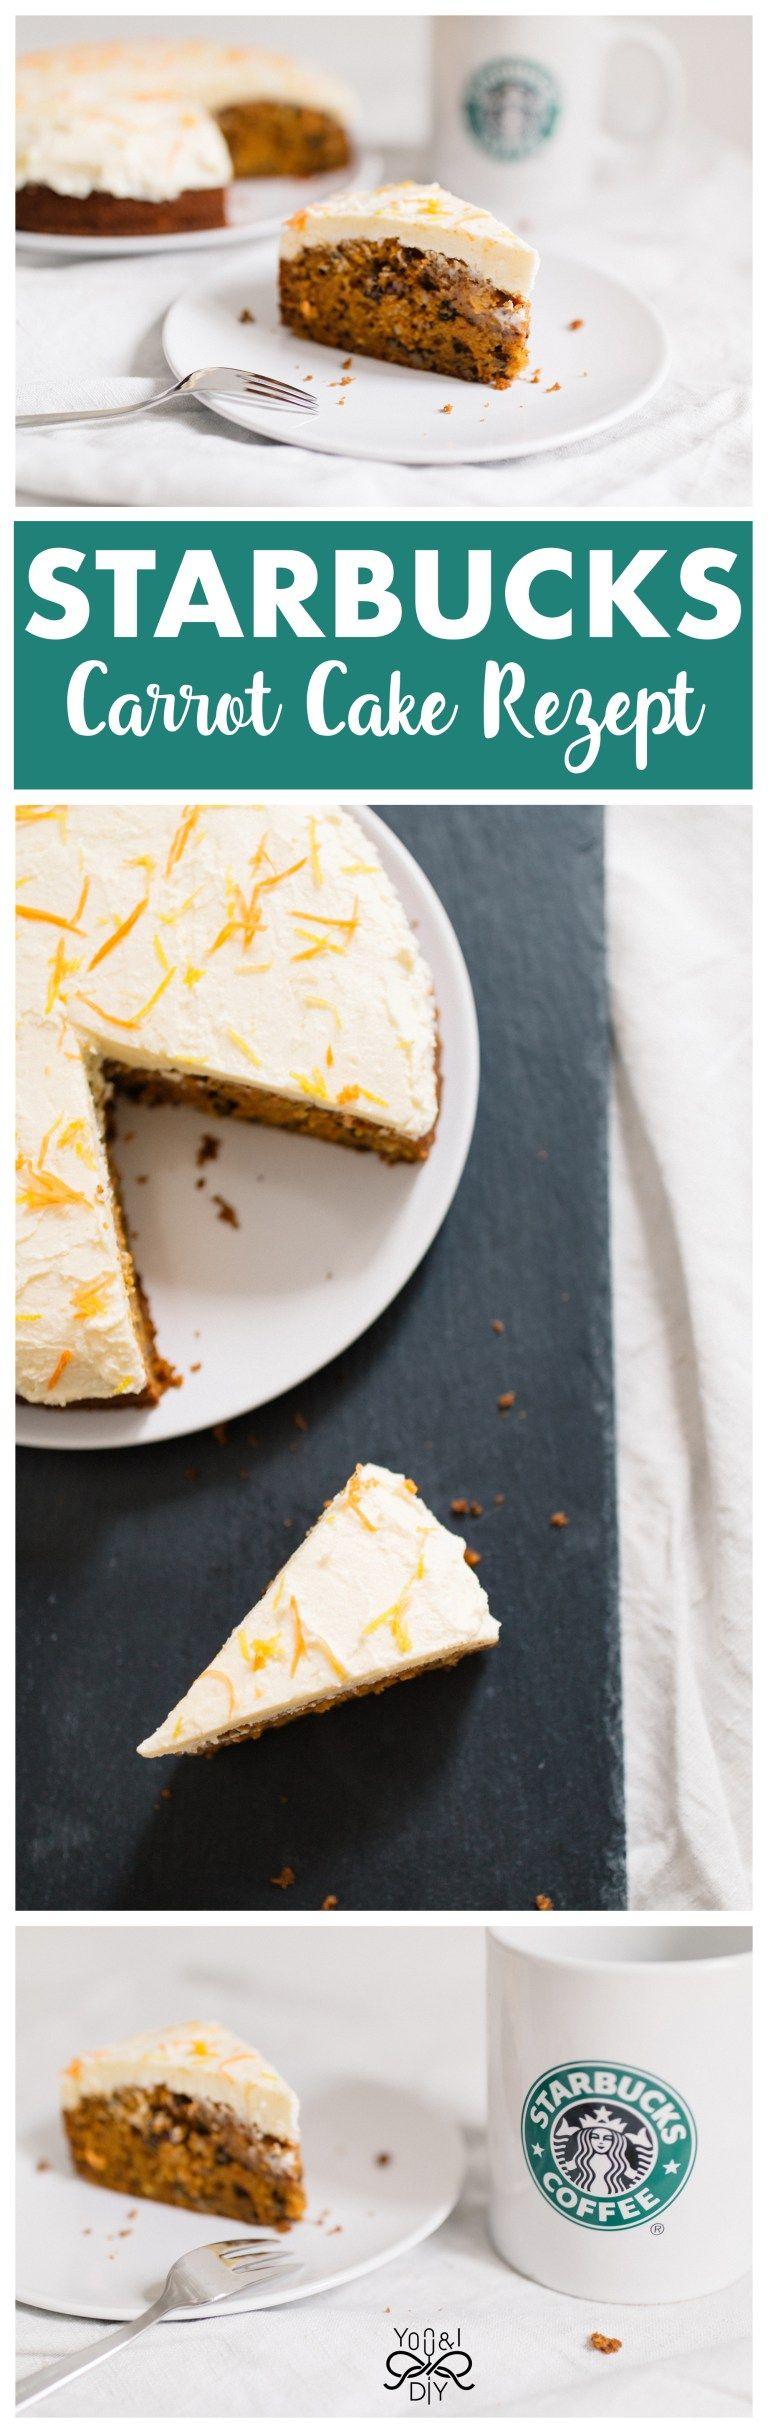 Starbucks Carrot Cake Rezept - You and I DIY